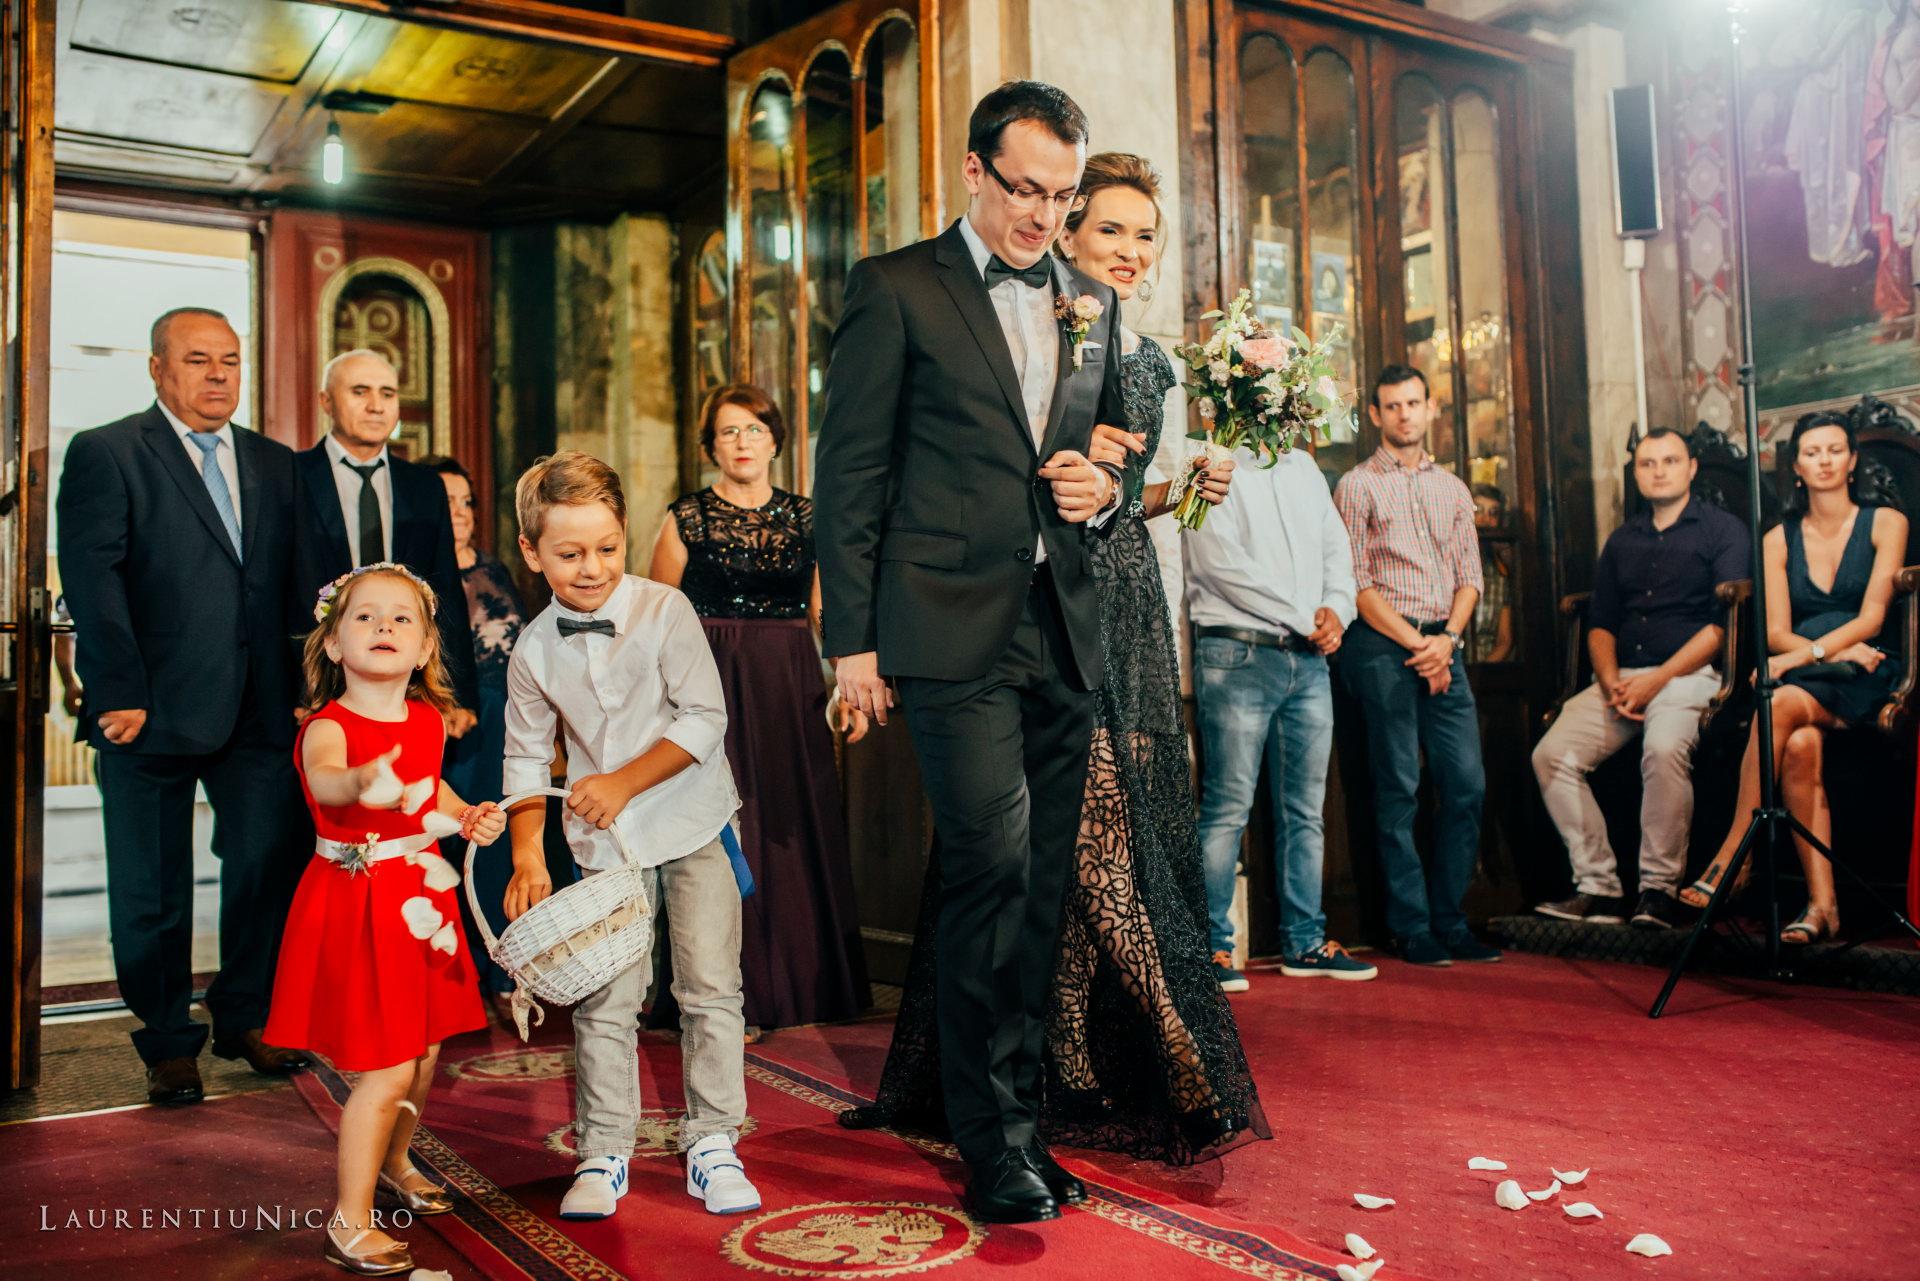 alina si razvan craiova fotograf nunta laurentiu nica38 - Alina & Razvan | Fotografii nunta